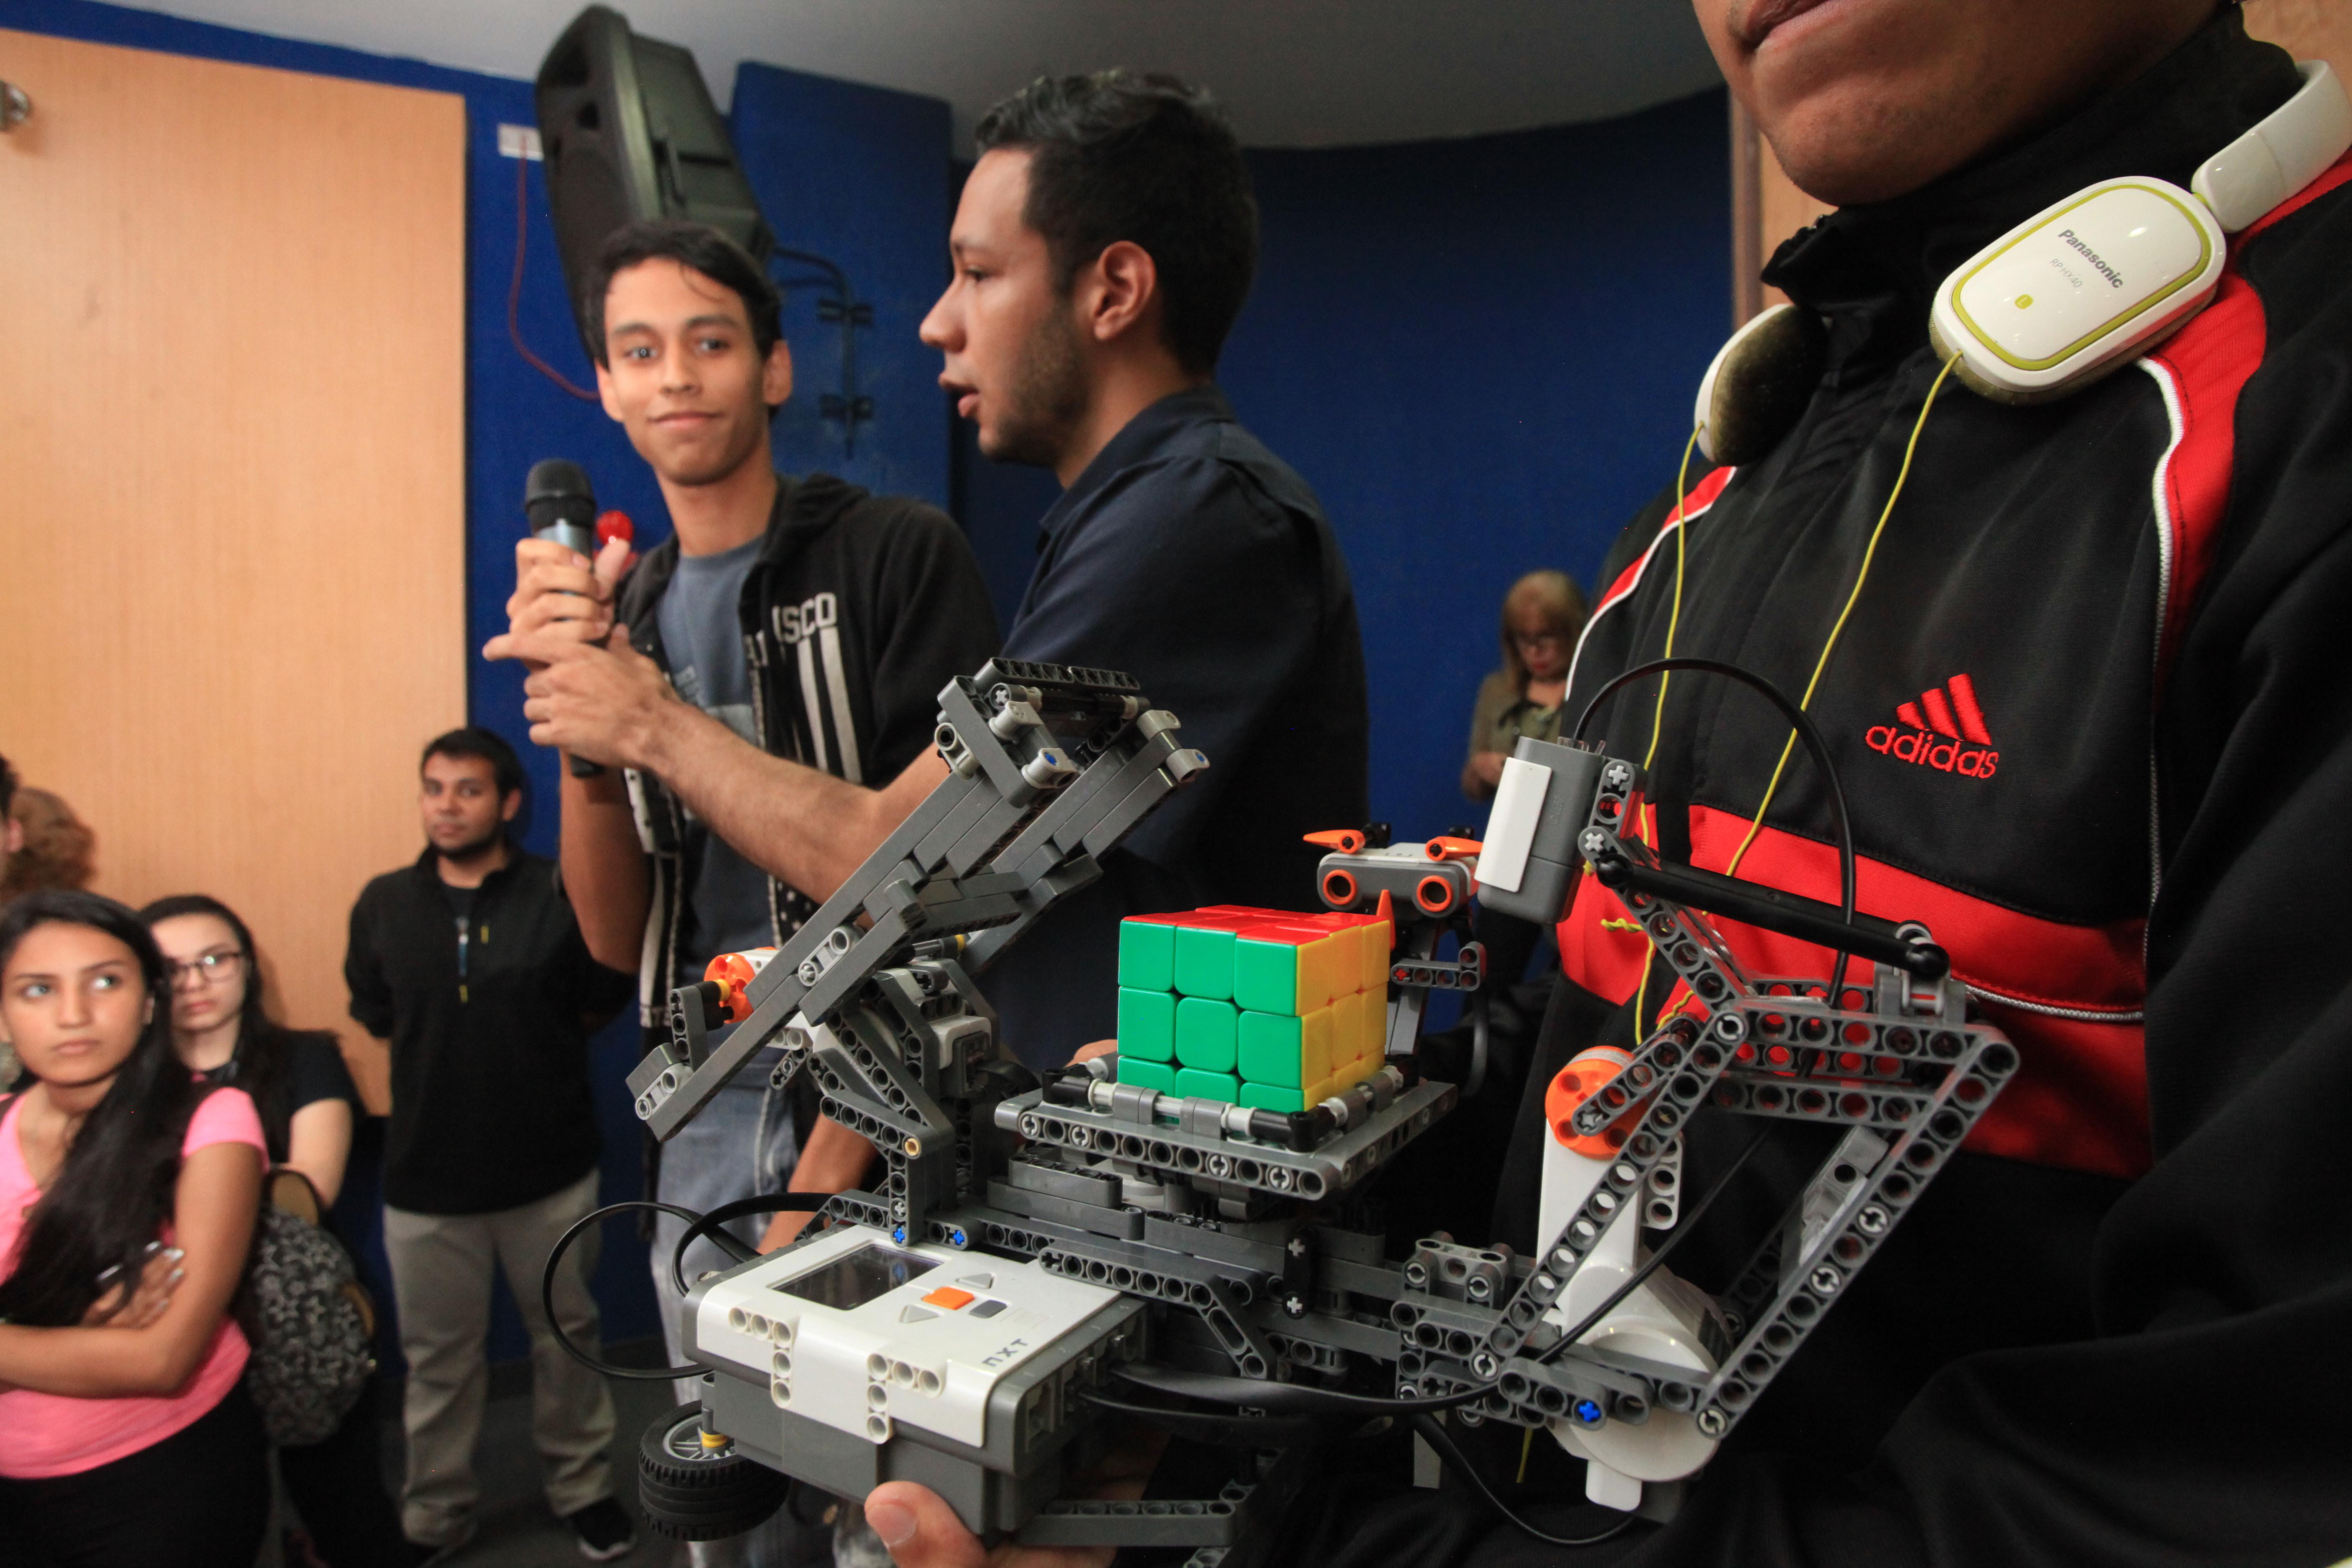 Tecnología e ingeniería se dieron la mano en la universidad